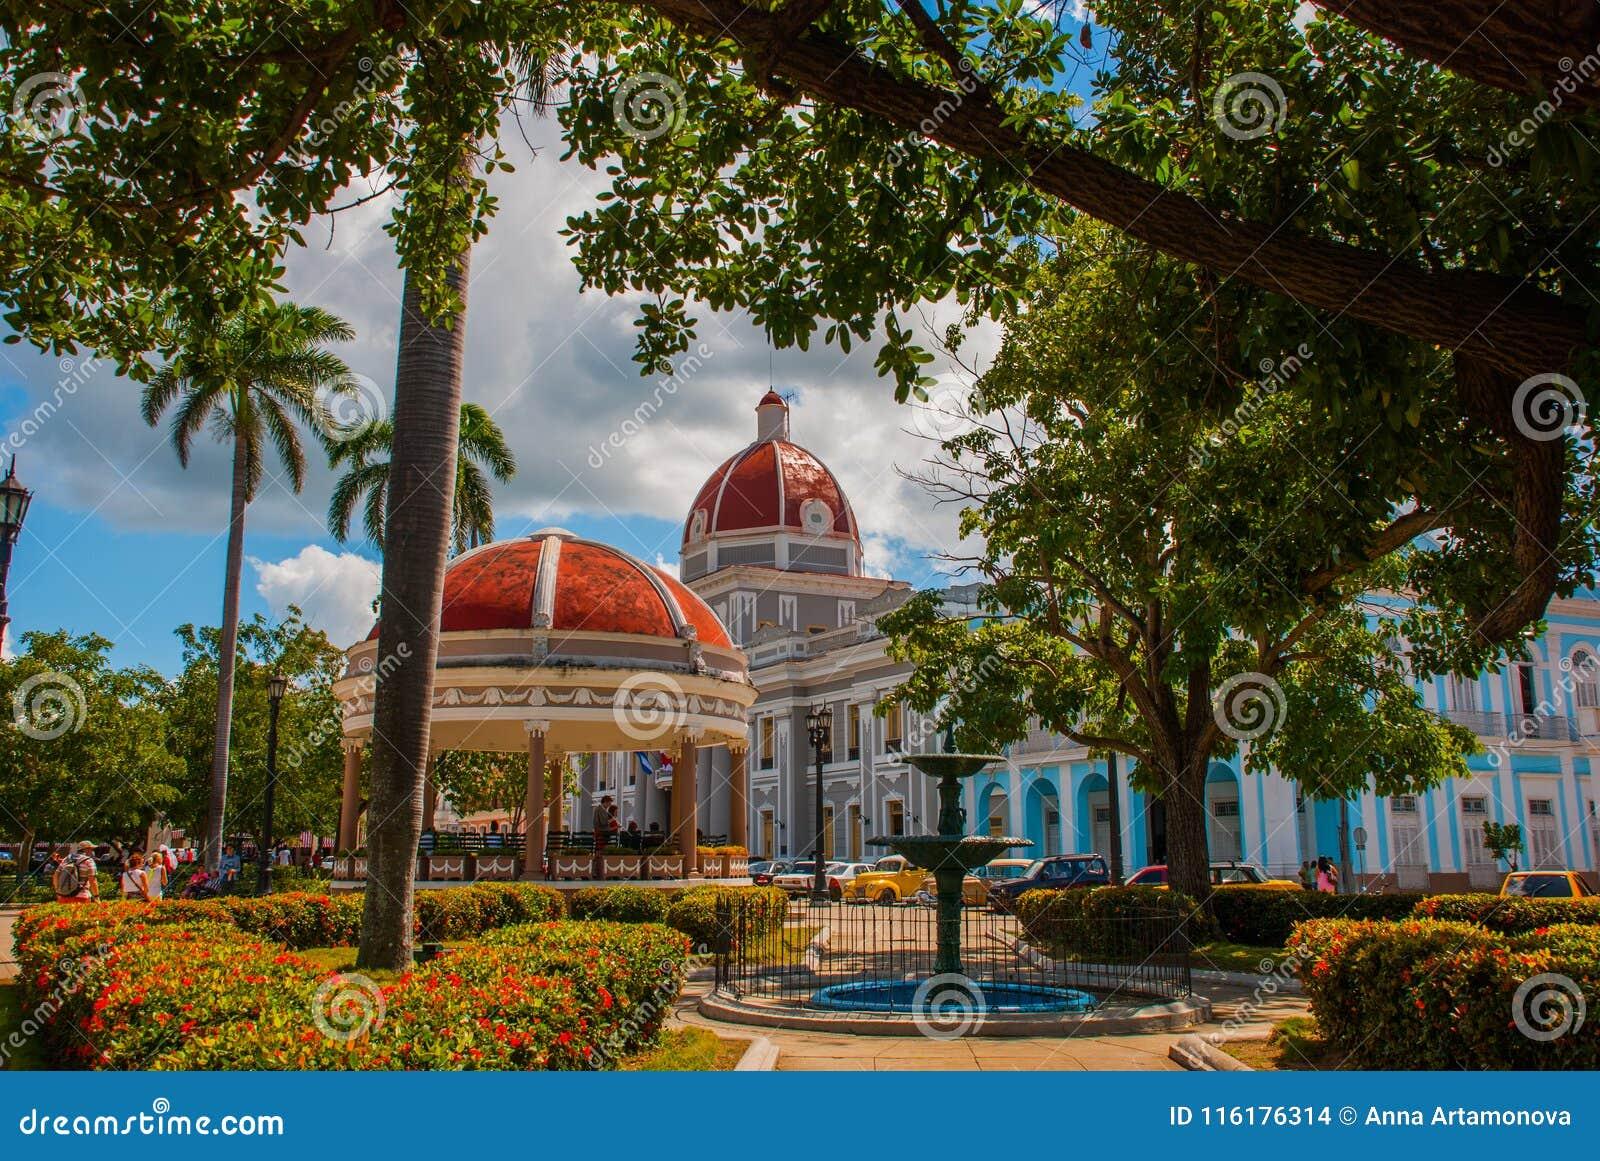 CIENFUEGOS KUBA: Sikt av den Parque Jose Marti fyrkanten i Cienfuegos Kommunen och rotundan med en röd kupol